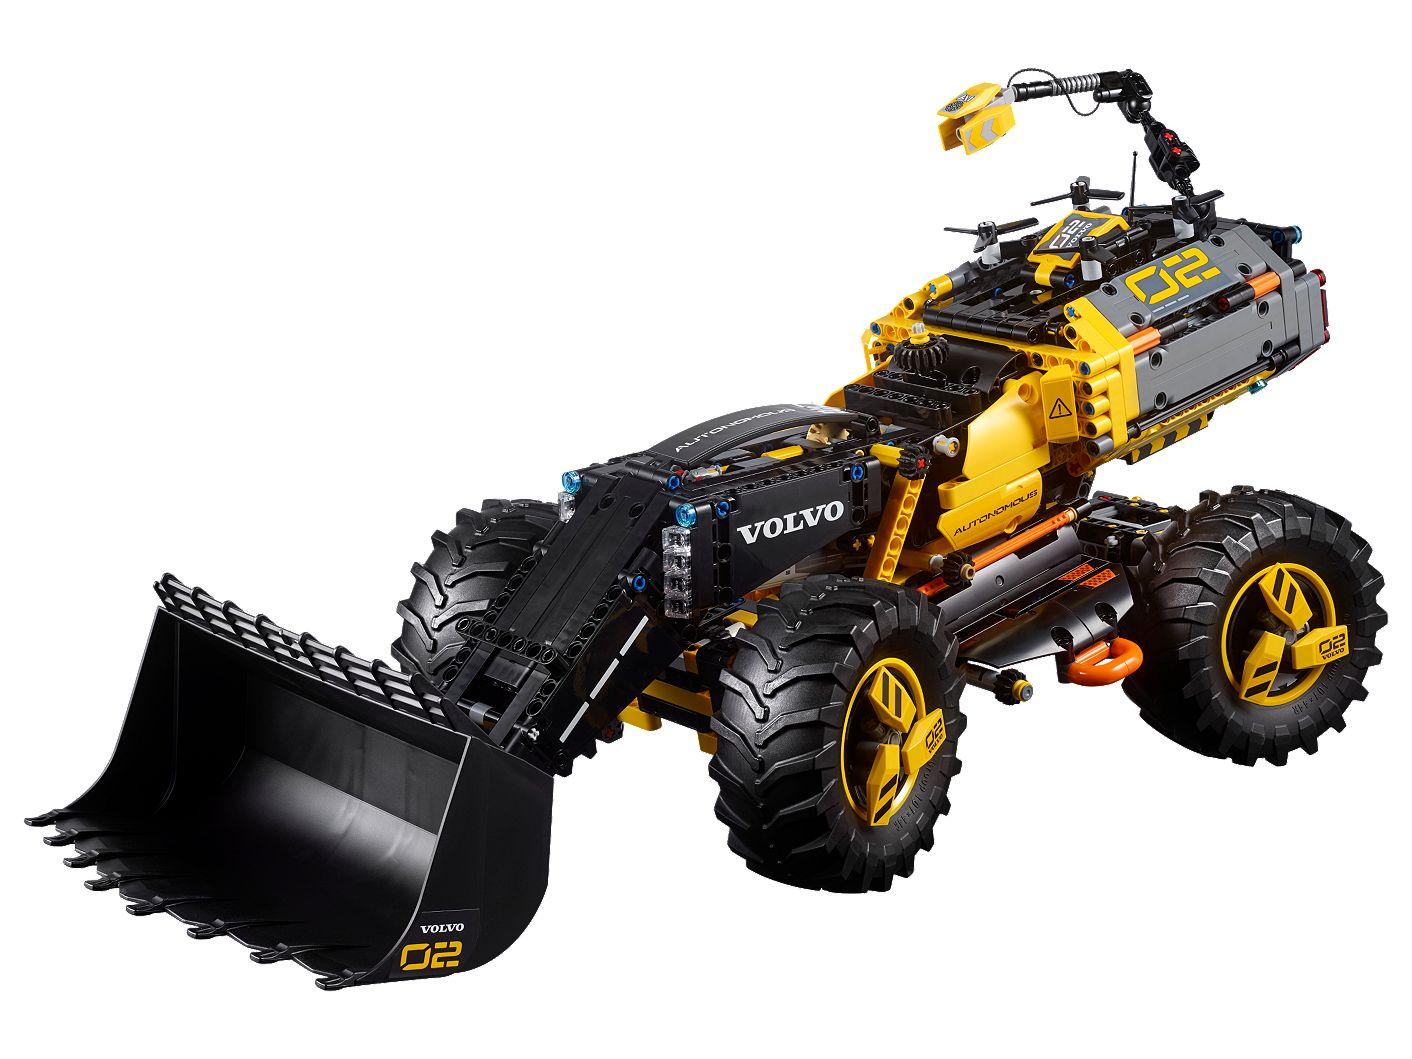 Volvo Konzept Radlader Zeux 42081 Technic Lego Shop